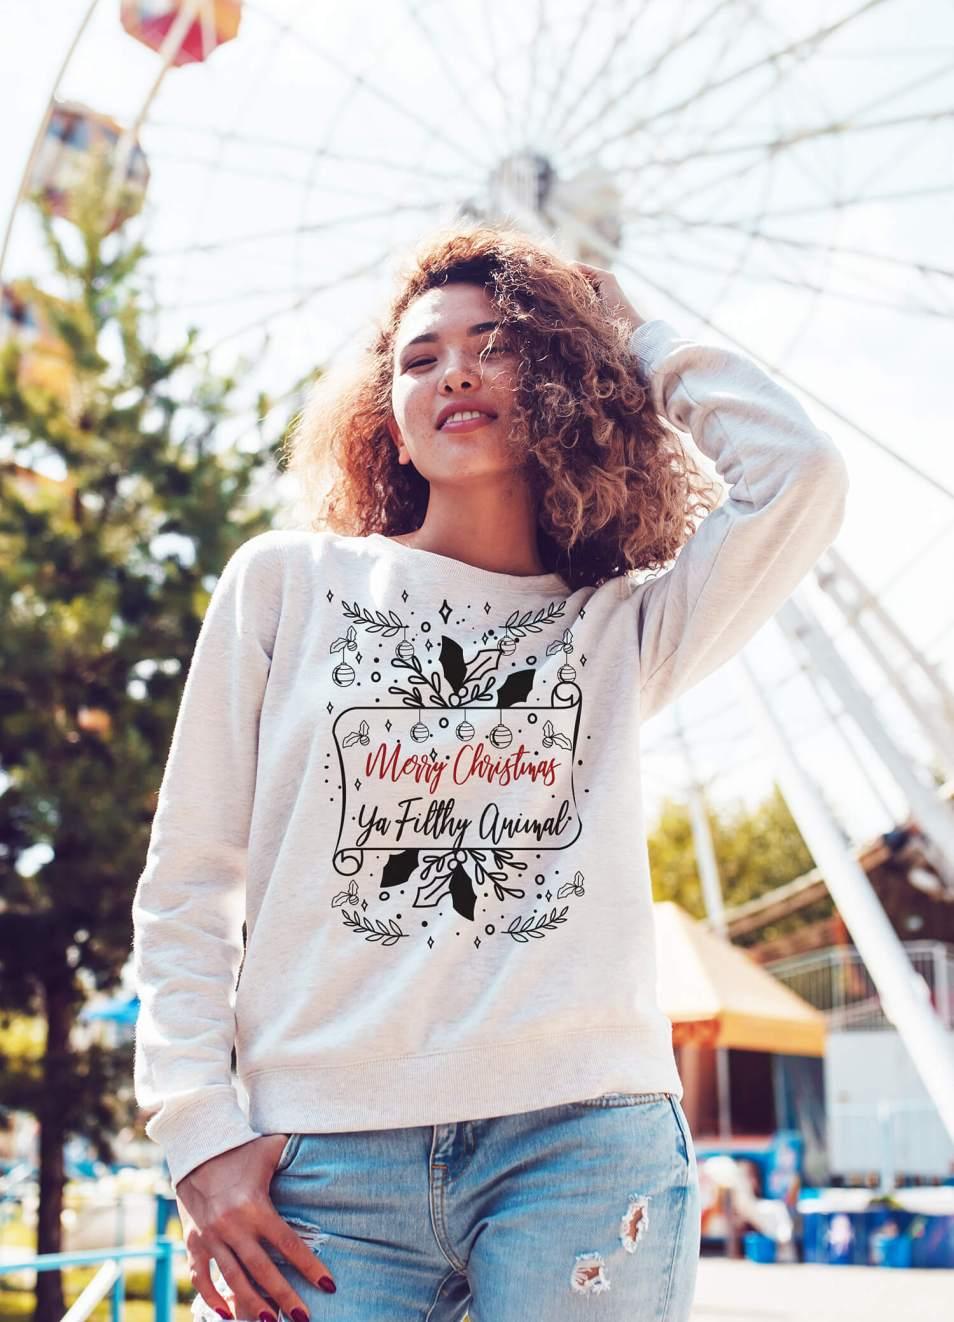 Merry Christmas Ya Filthy Animal Funny Ugly Christmas Sweater